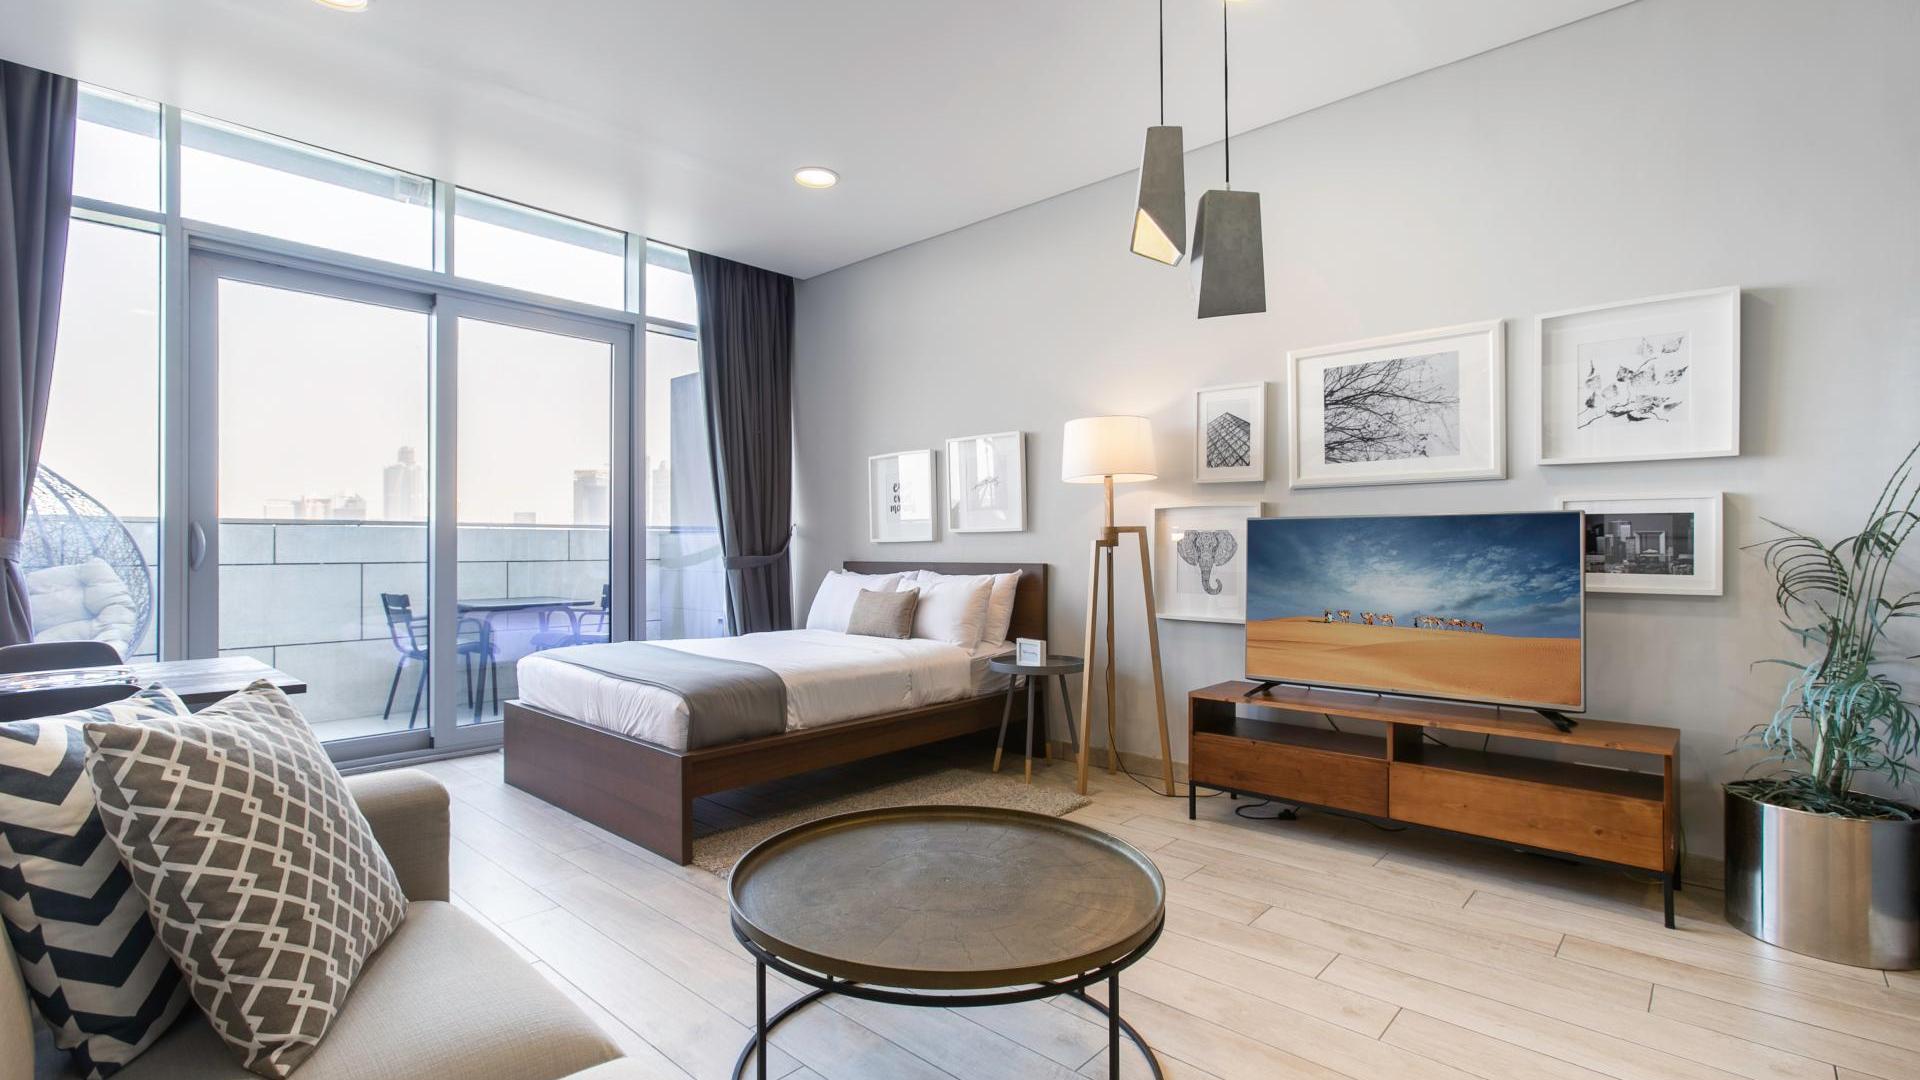 Apartamento en venta en Dubai, EAU, 1 dormitorio, 92 m2, № 24647 – foto 1